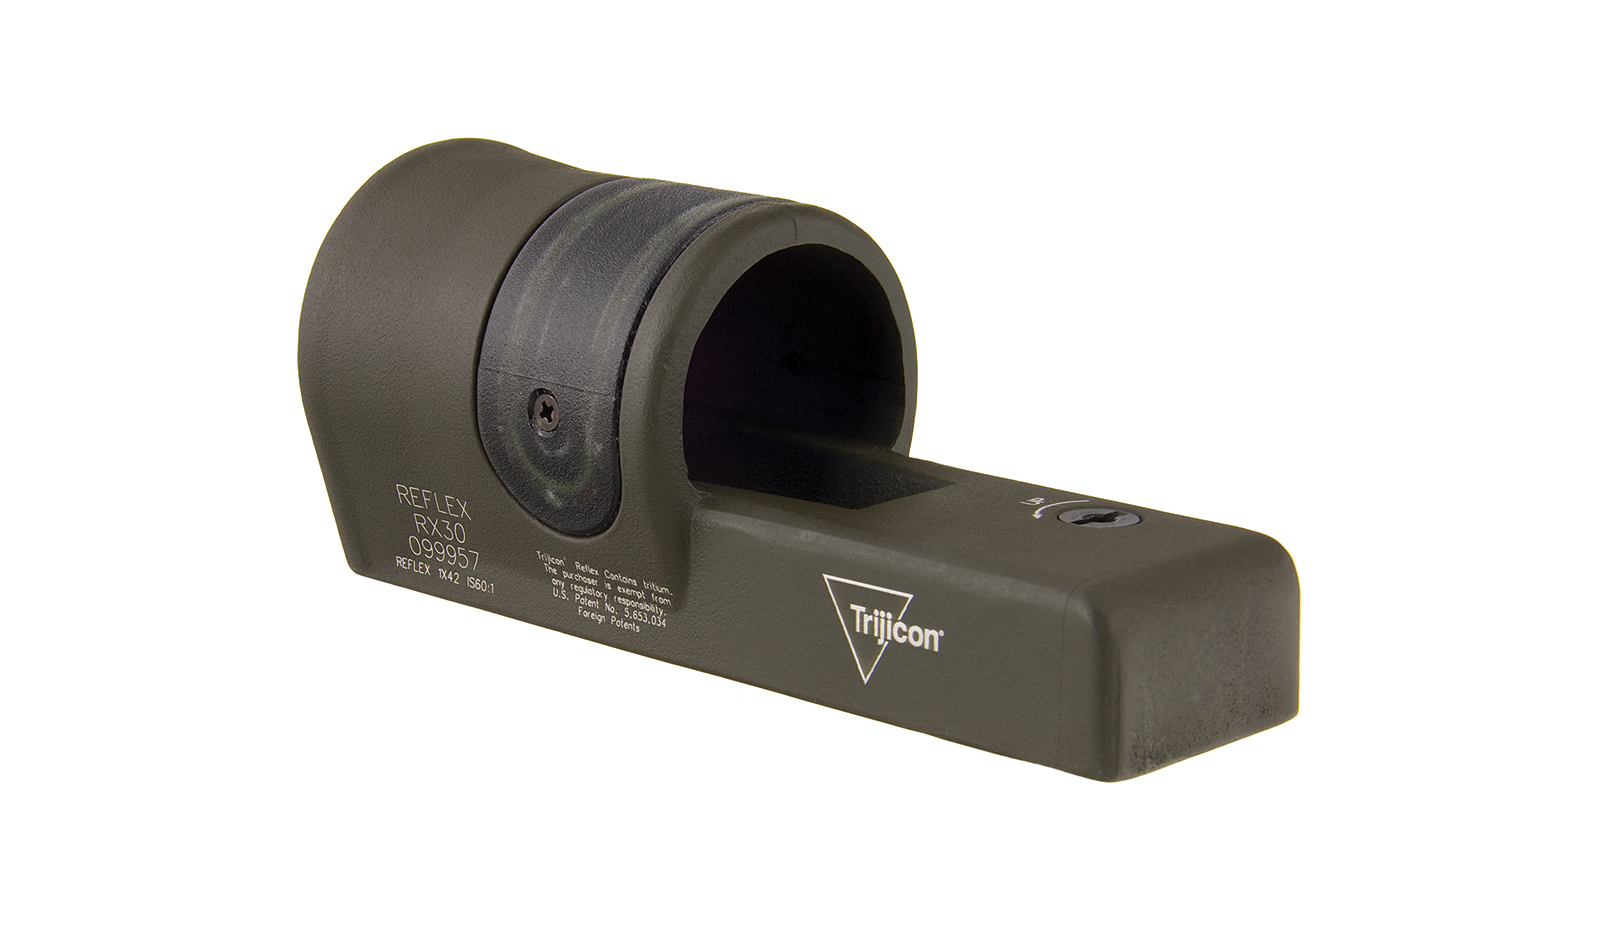 RX30-C-800066 angle 3